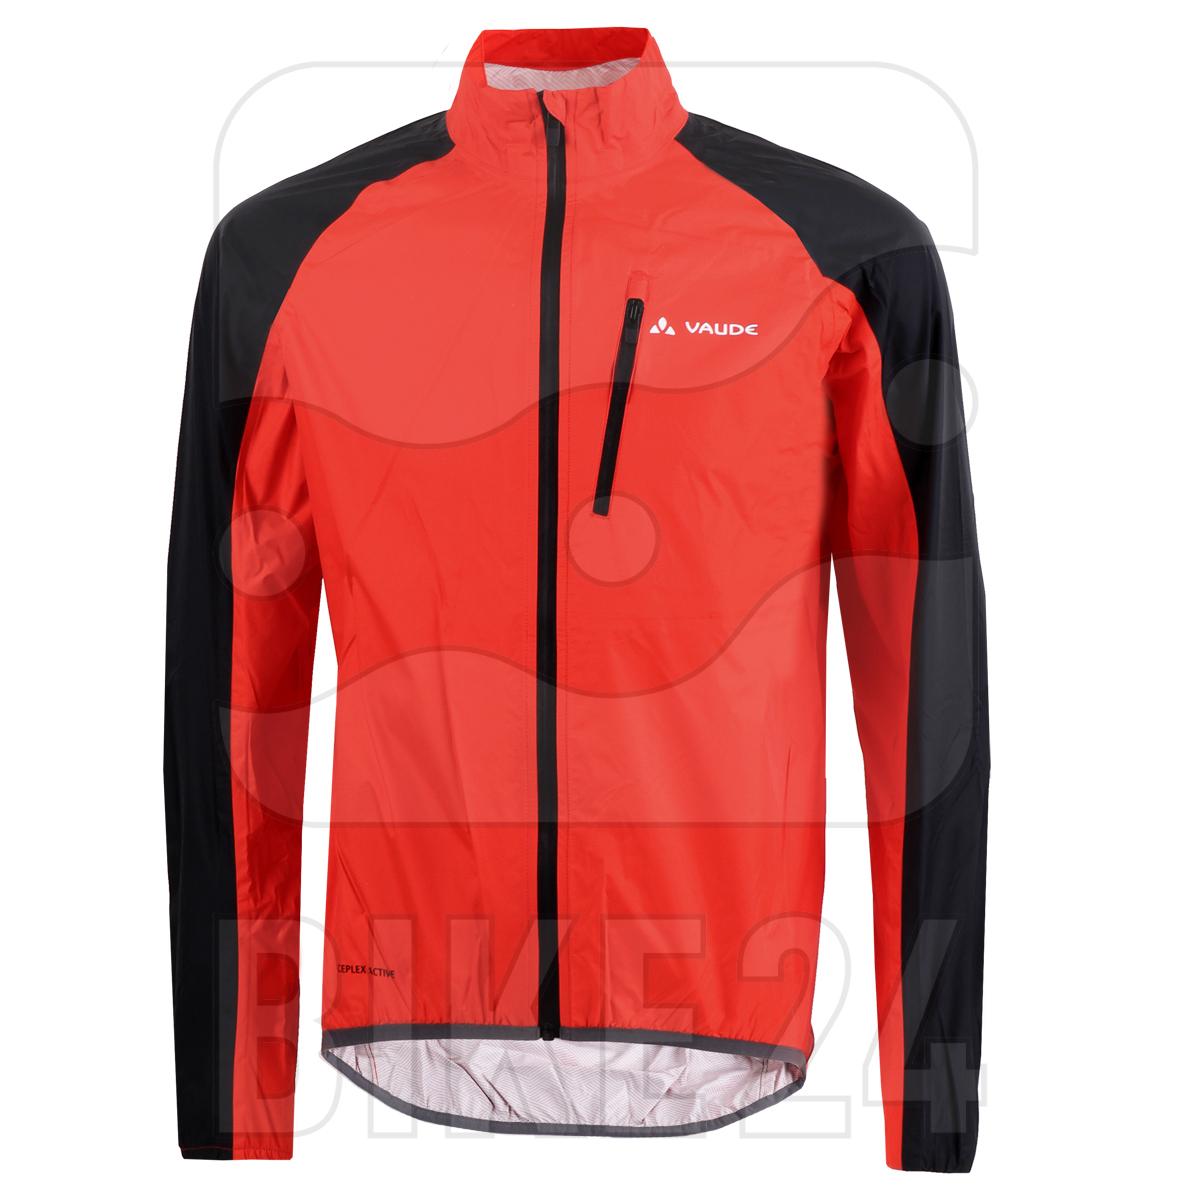 Vaude Men's Drop Jacket III - mars red